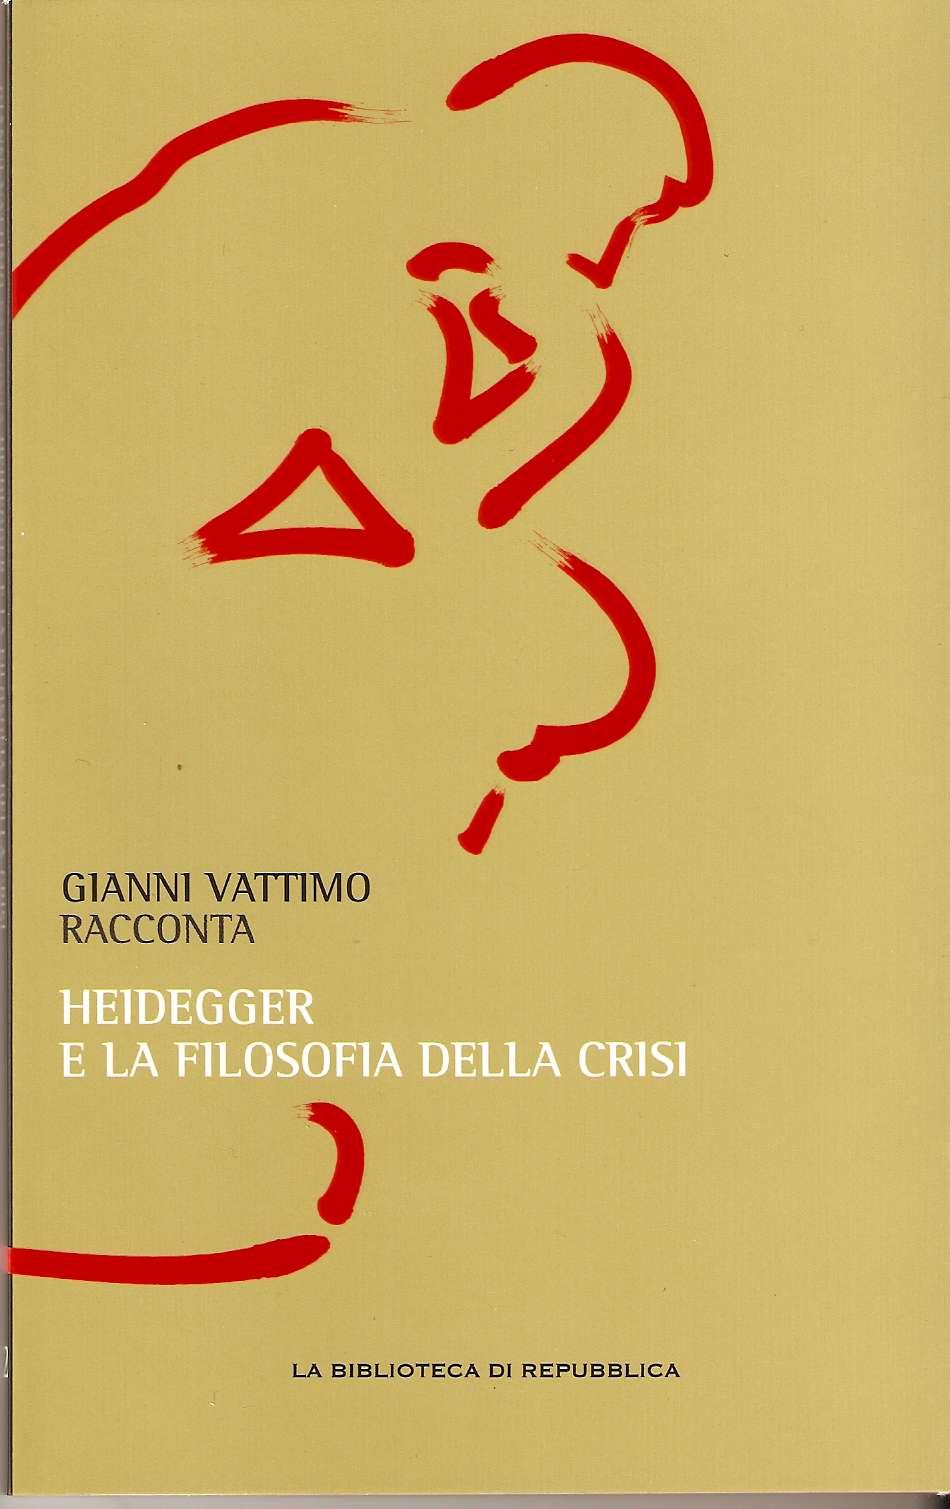 Gianni Vattimo racconta Heidegger e la filosofia della crisi